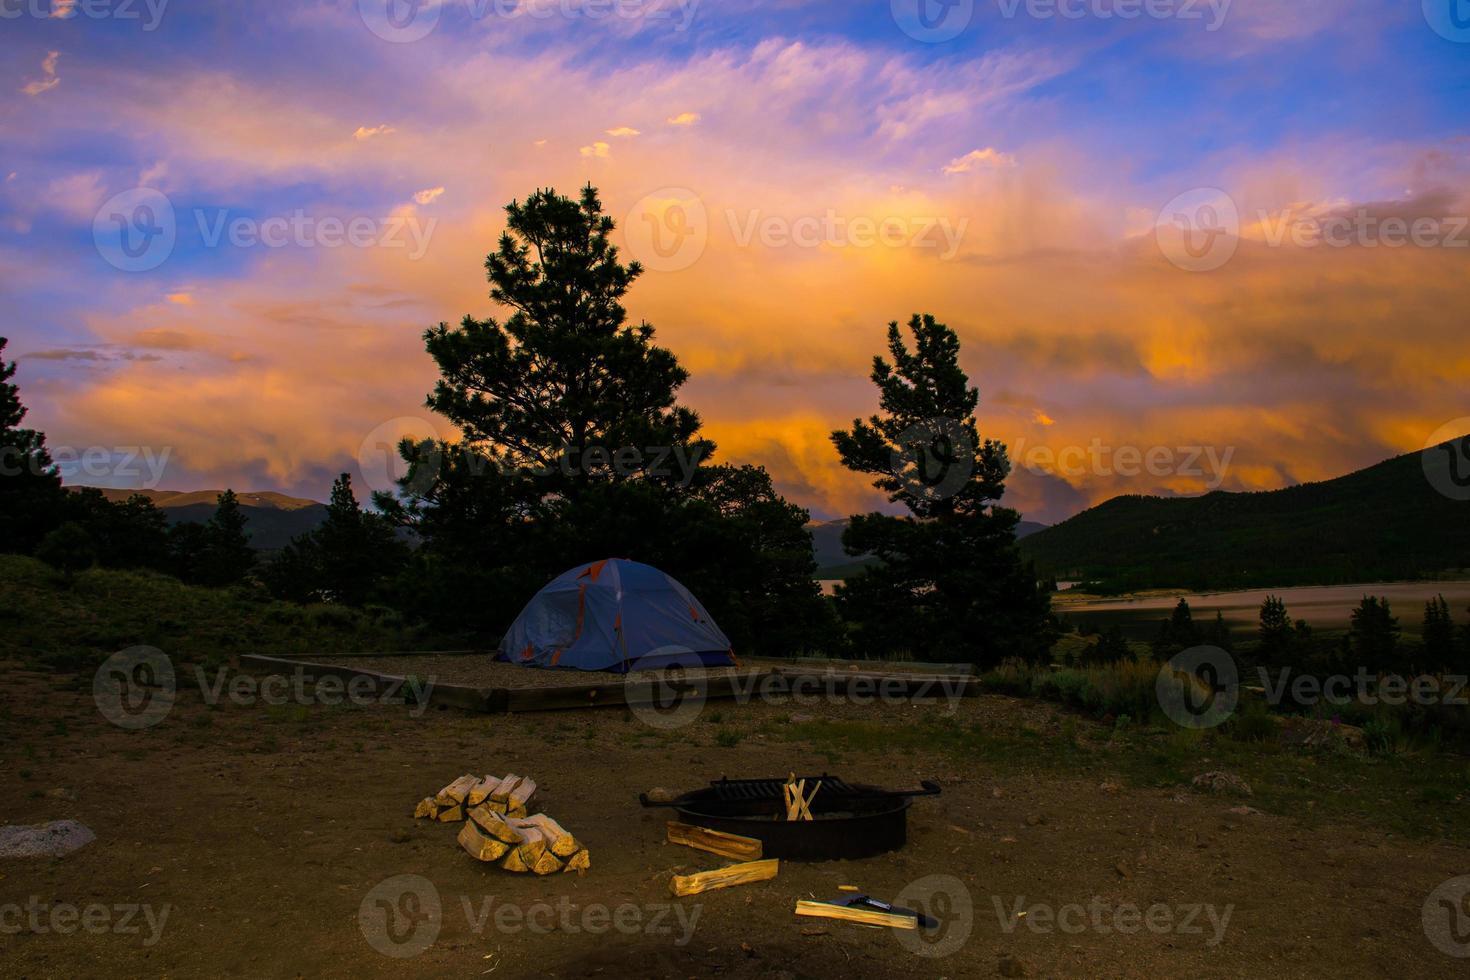 coucher de soleil feu de camp dans les incroyables montagnes rocheuses photo